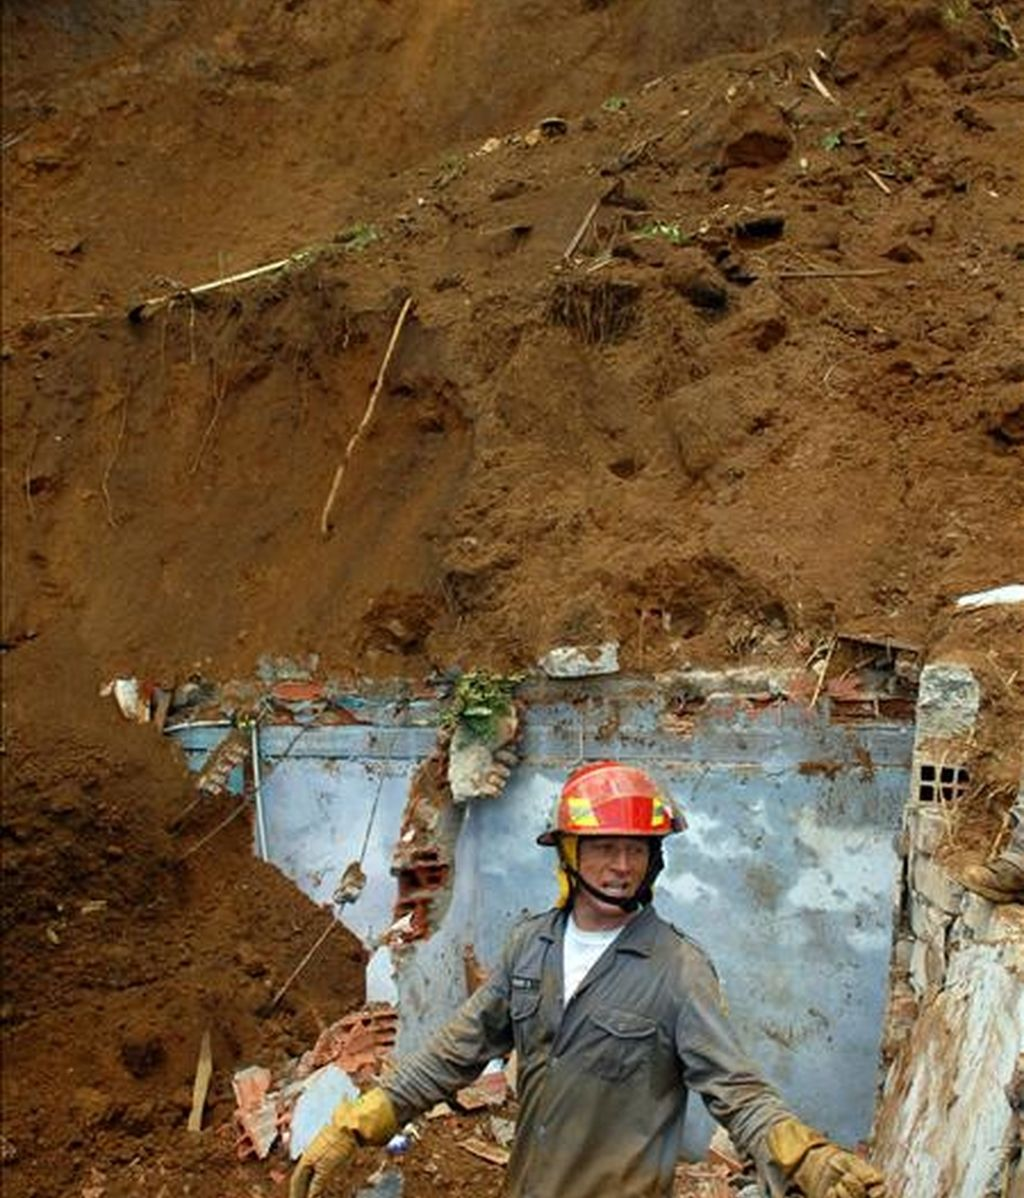 Un bombero participa en el rescate de varios desaparecidos por un deslizamiento de tierras en Medellín (Colombia). EFE/Archivo